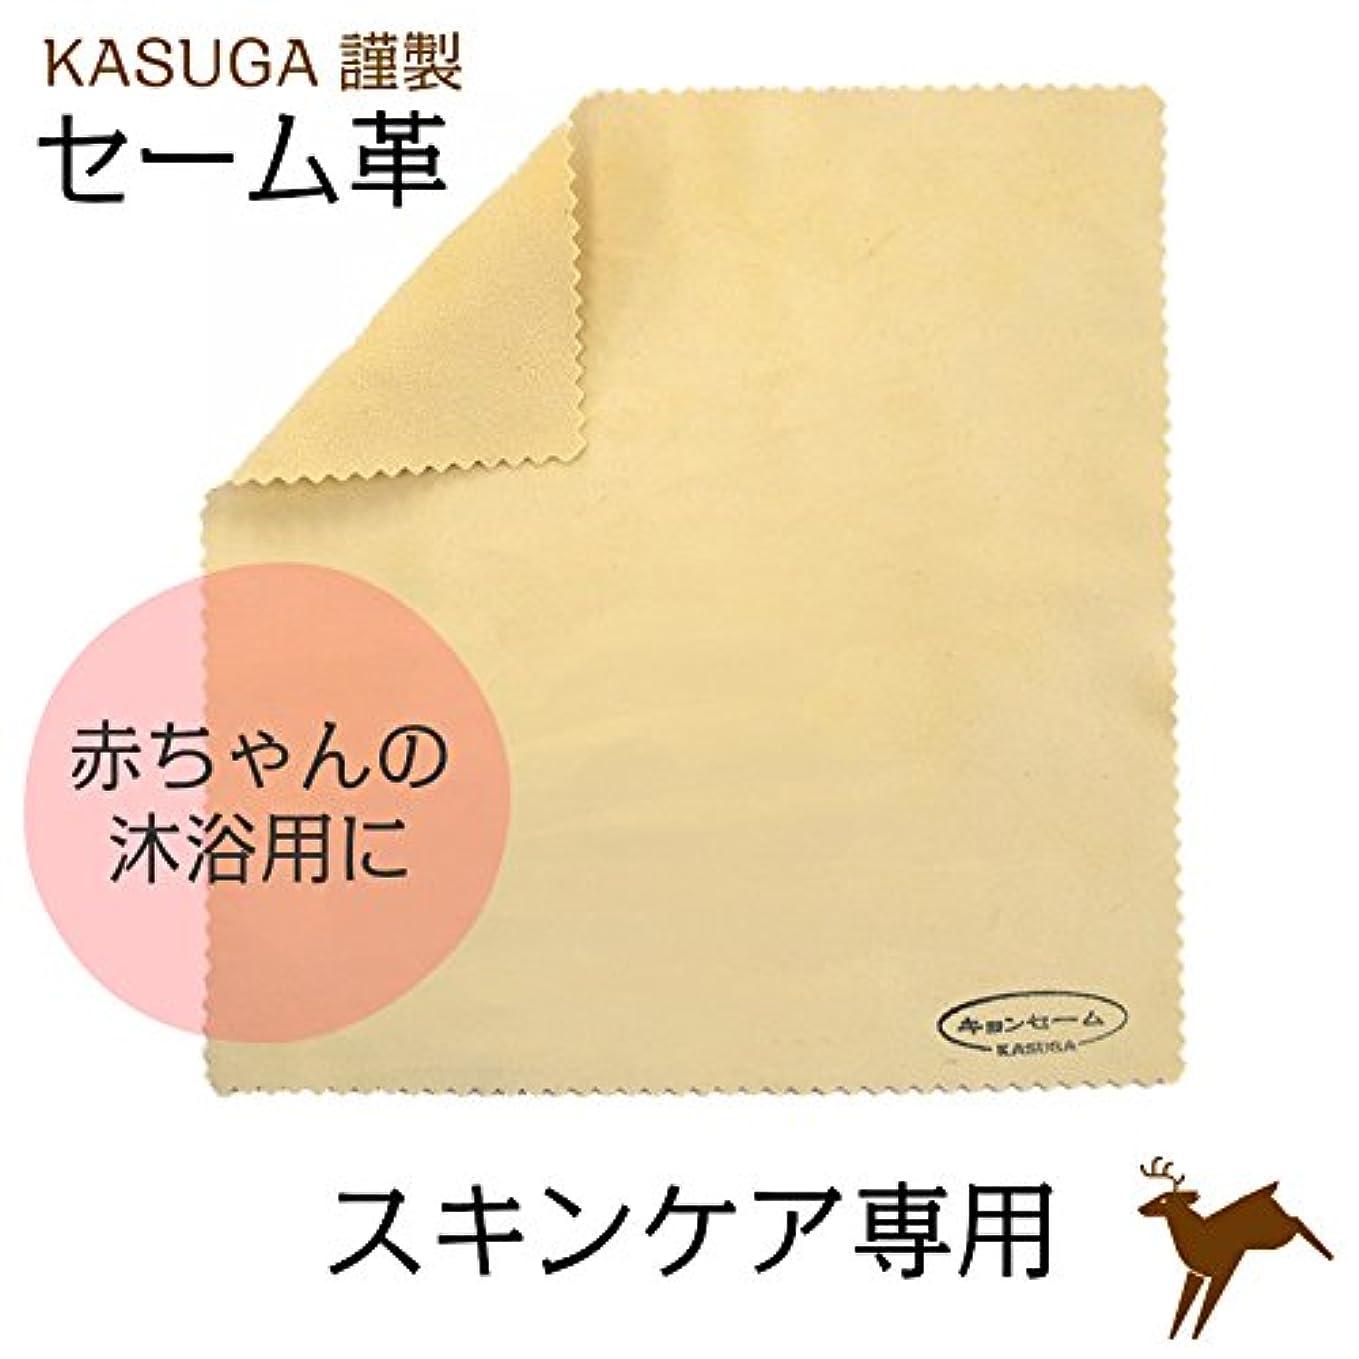 子猫一貫した粒春日カスガ謹製 スキンケア専用キョンセーム革 20cm×20cm